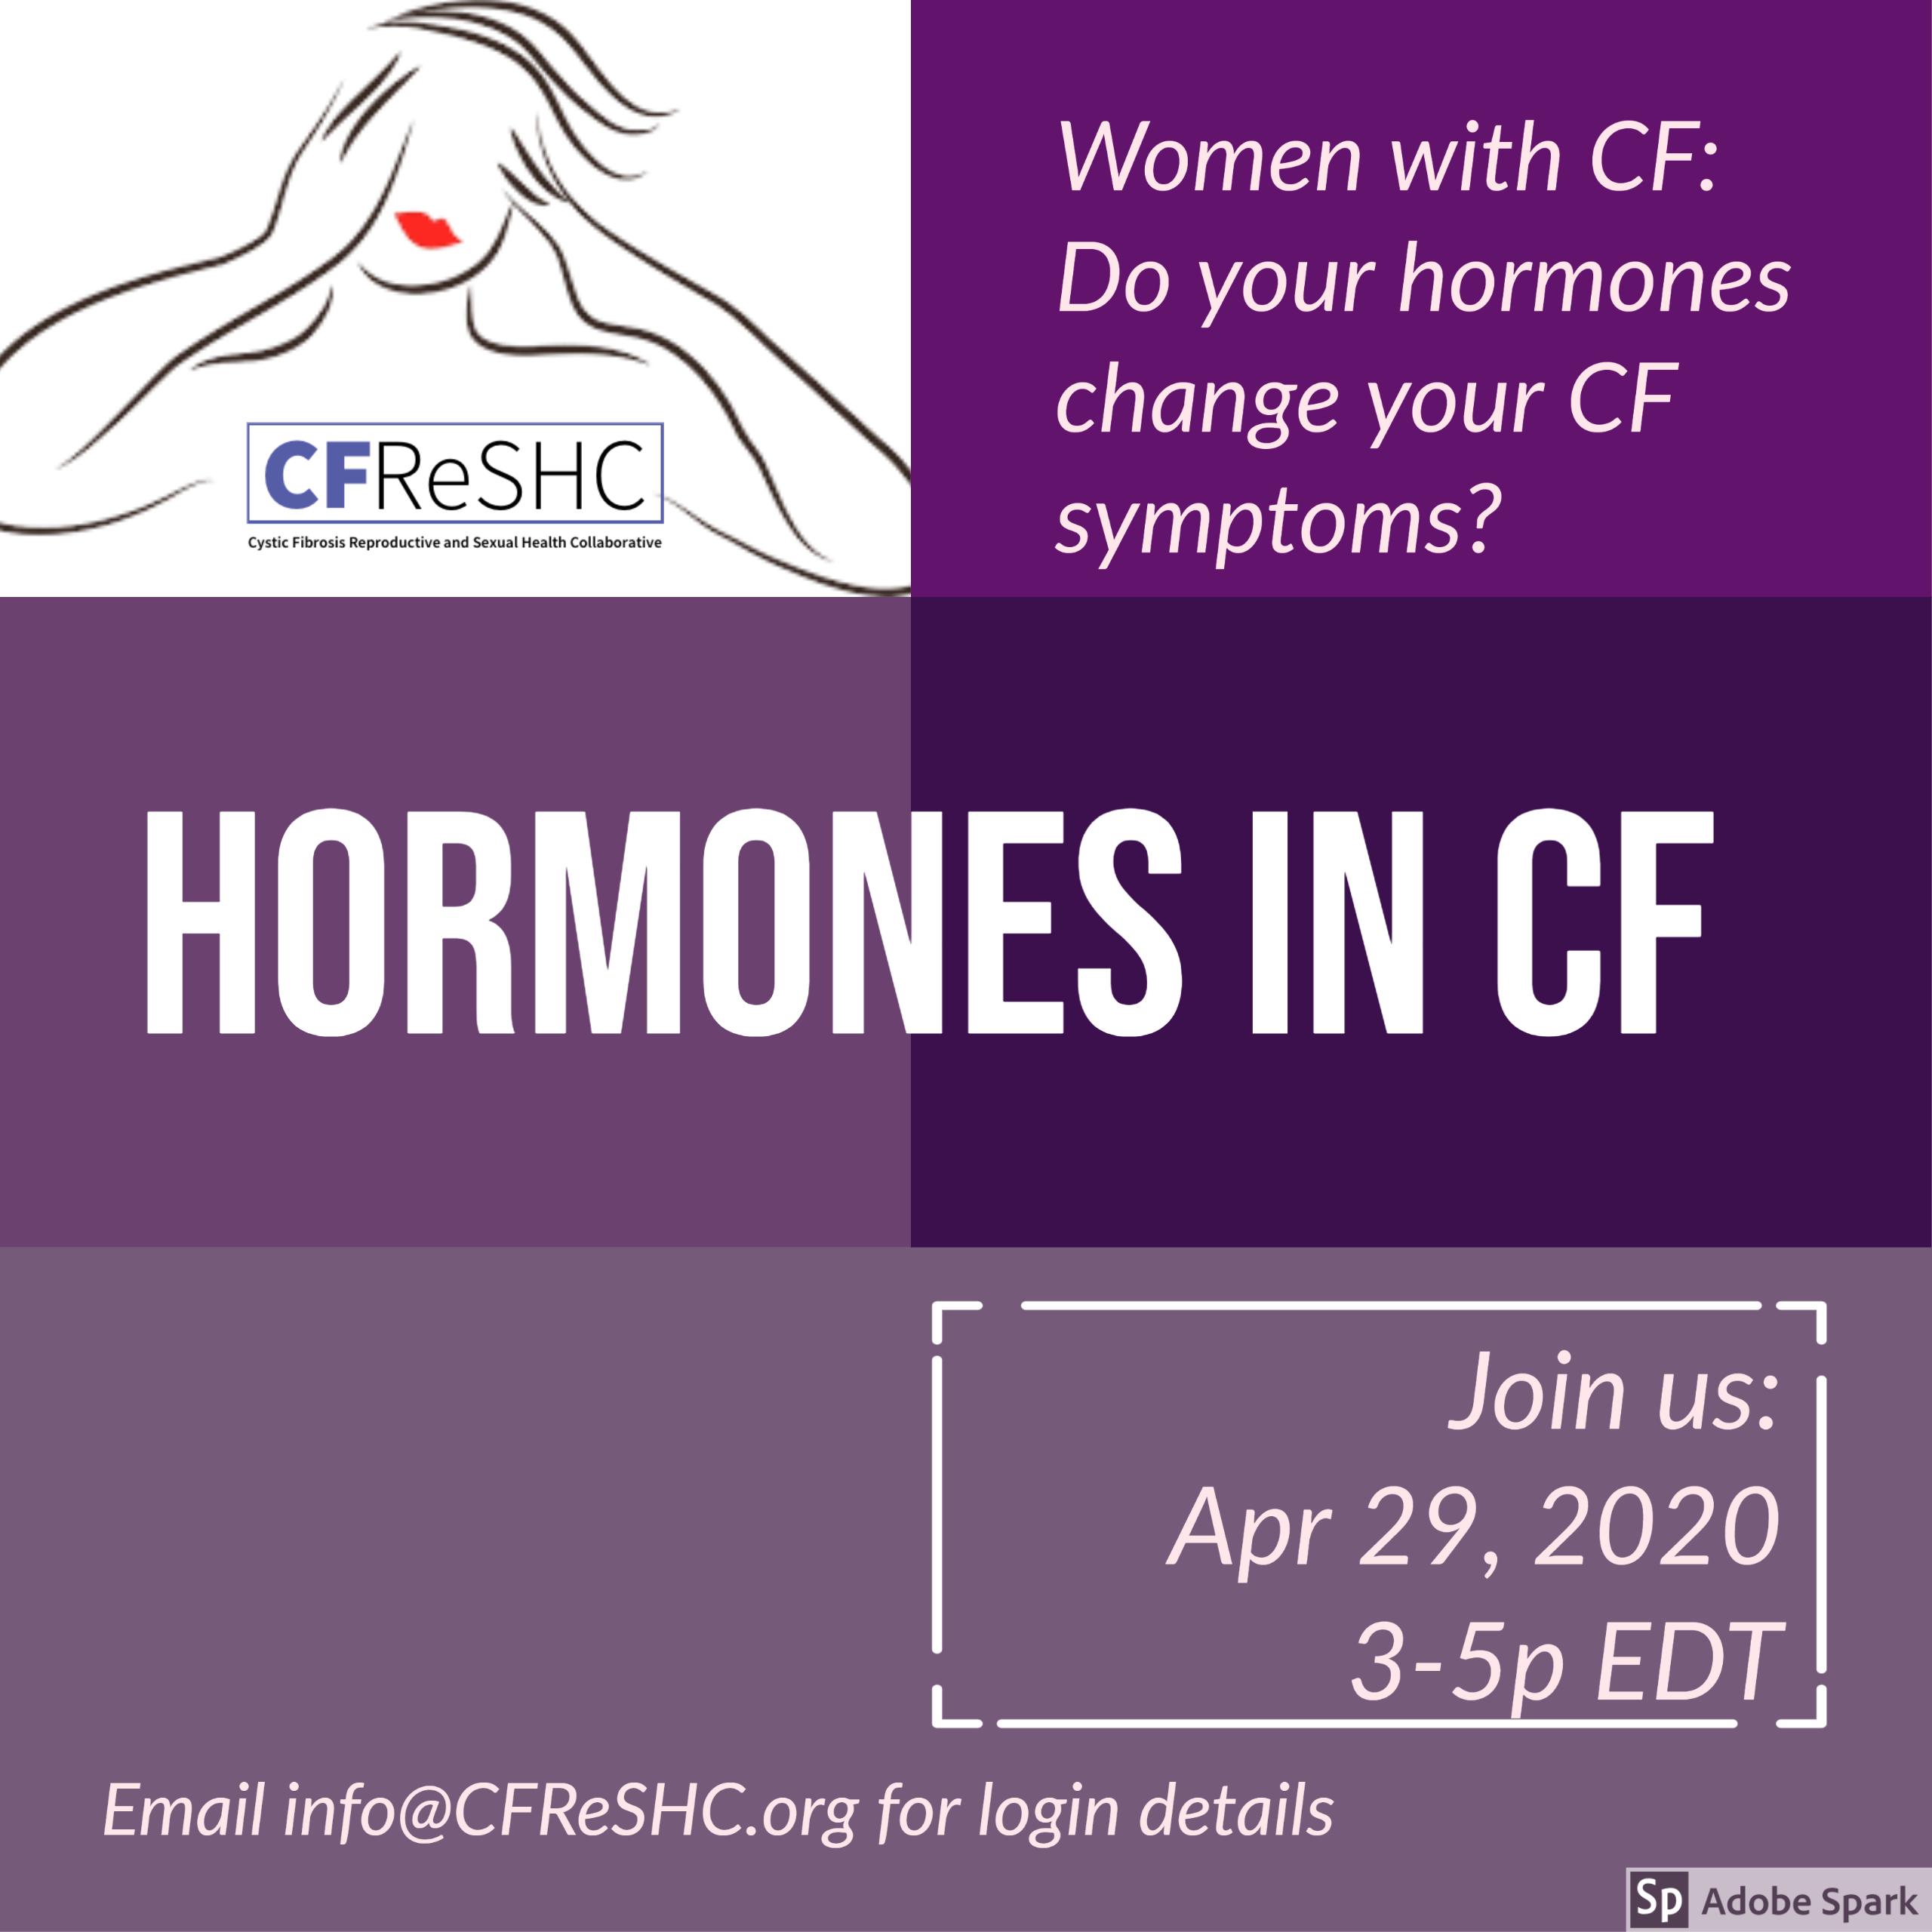 Hormones: Change in Symptoms & More